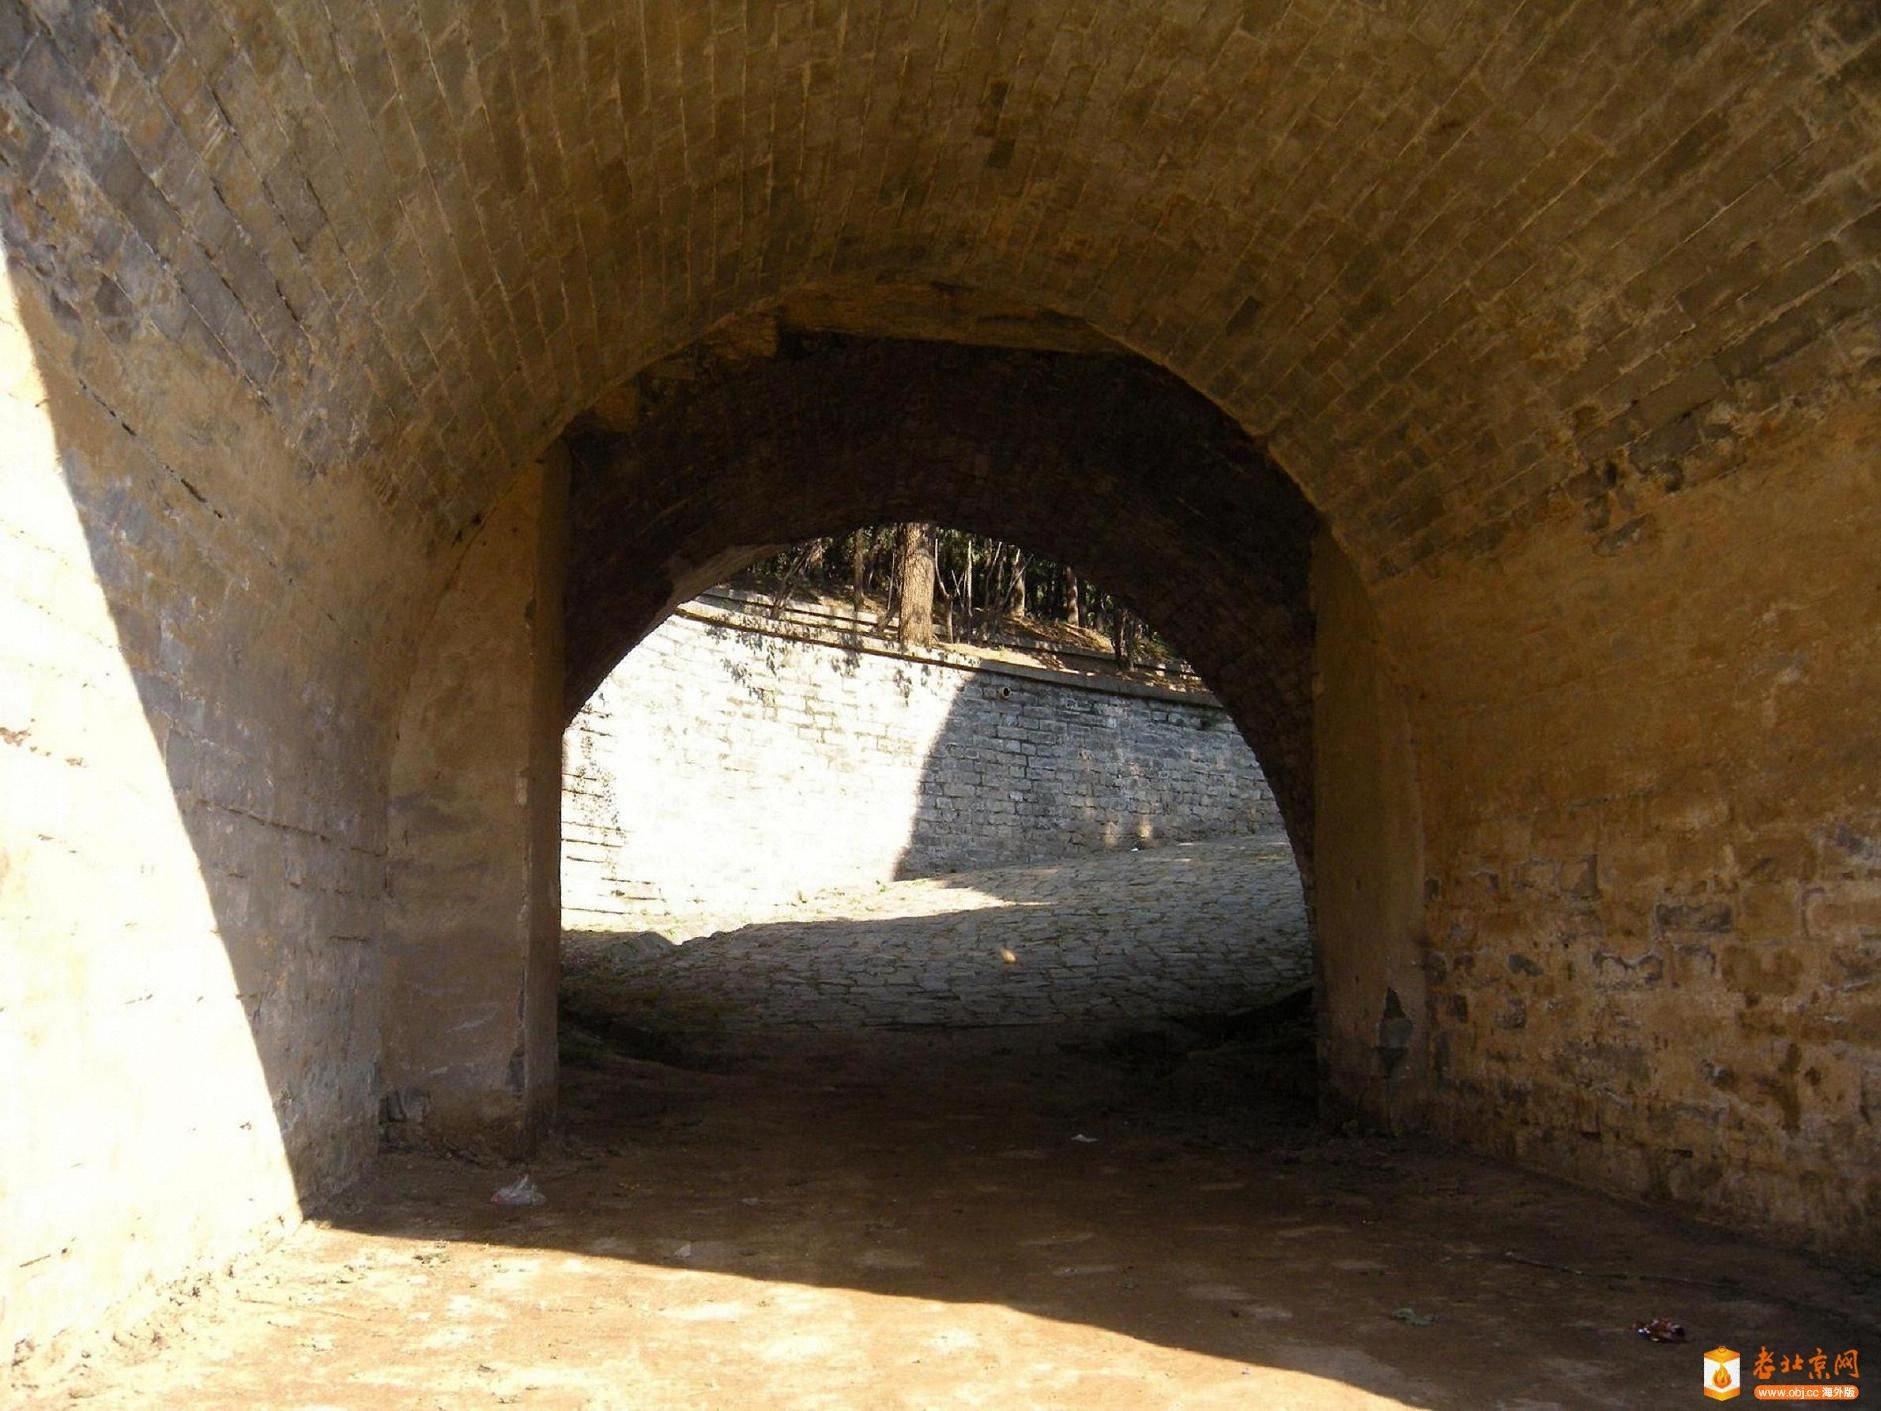 216.隧道门洞开-4.jpg